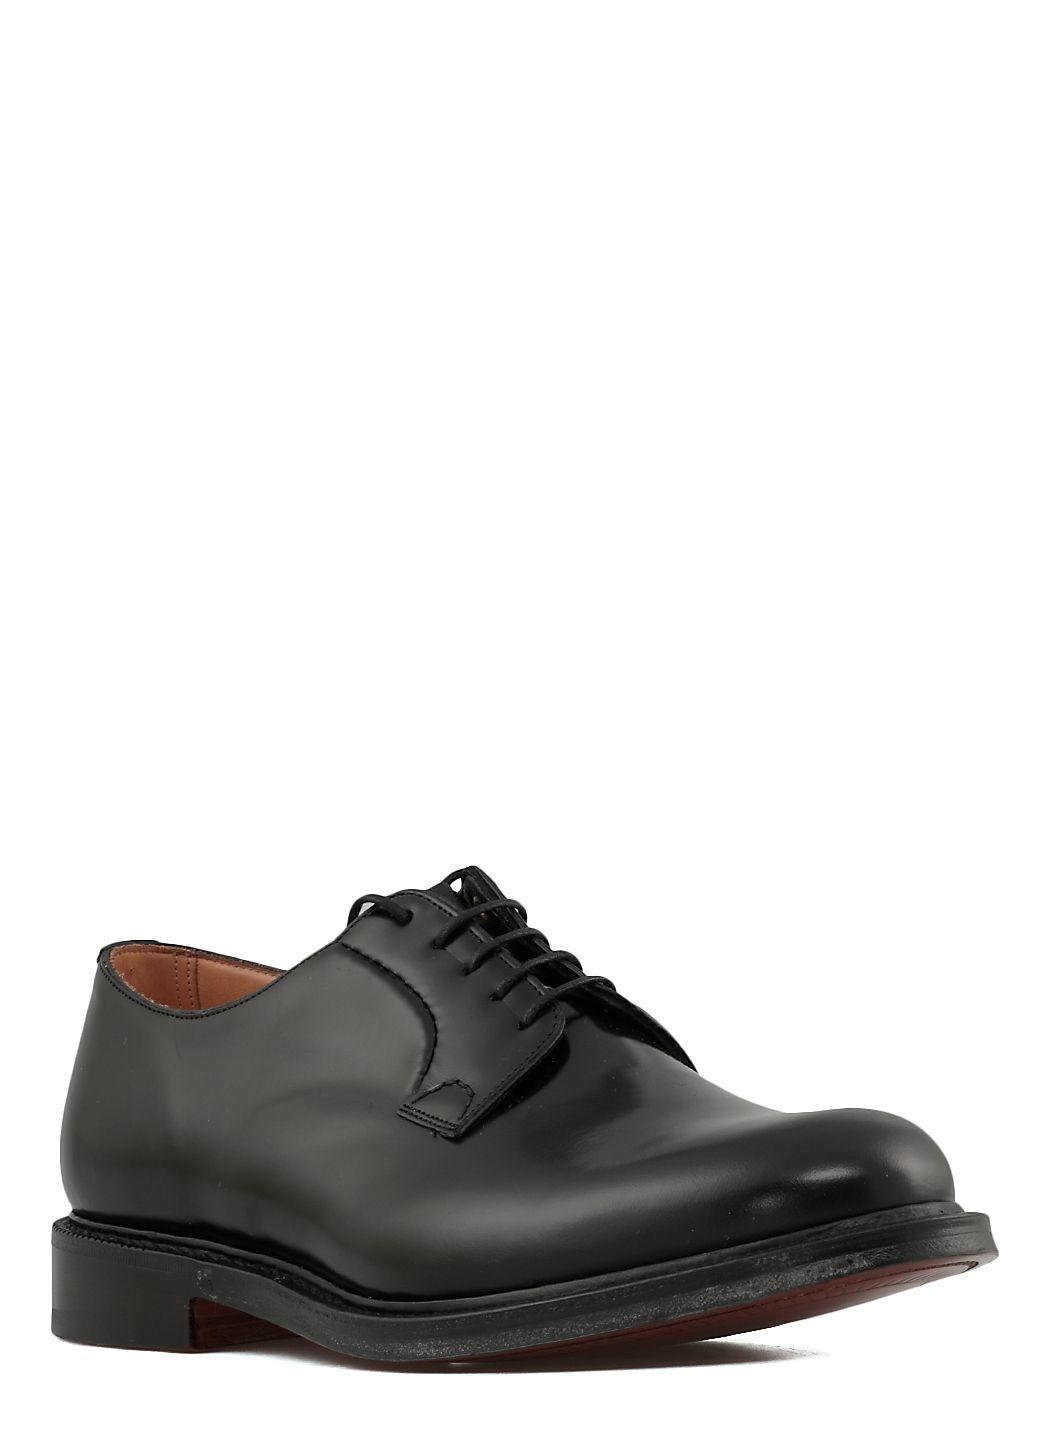 Shannon lace up shoe